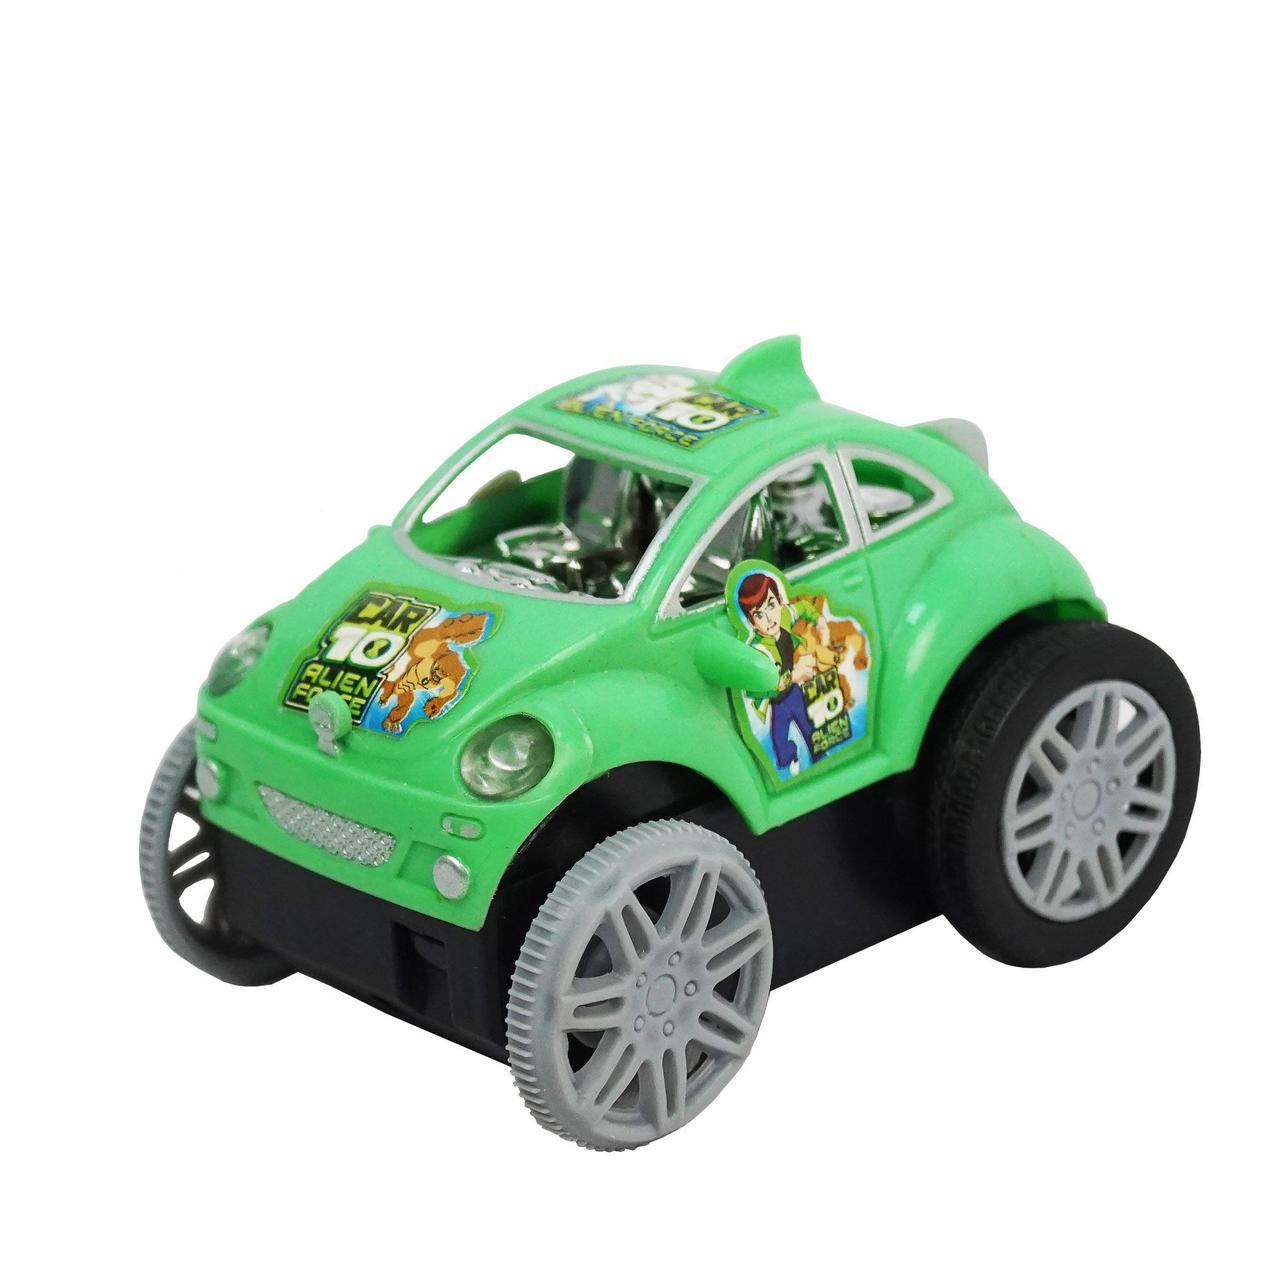 Детская игрушечная машинка на батарейках